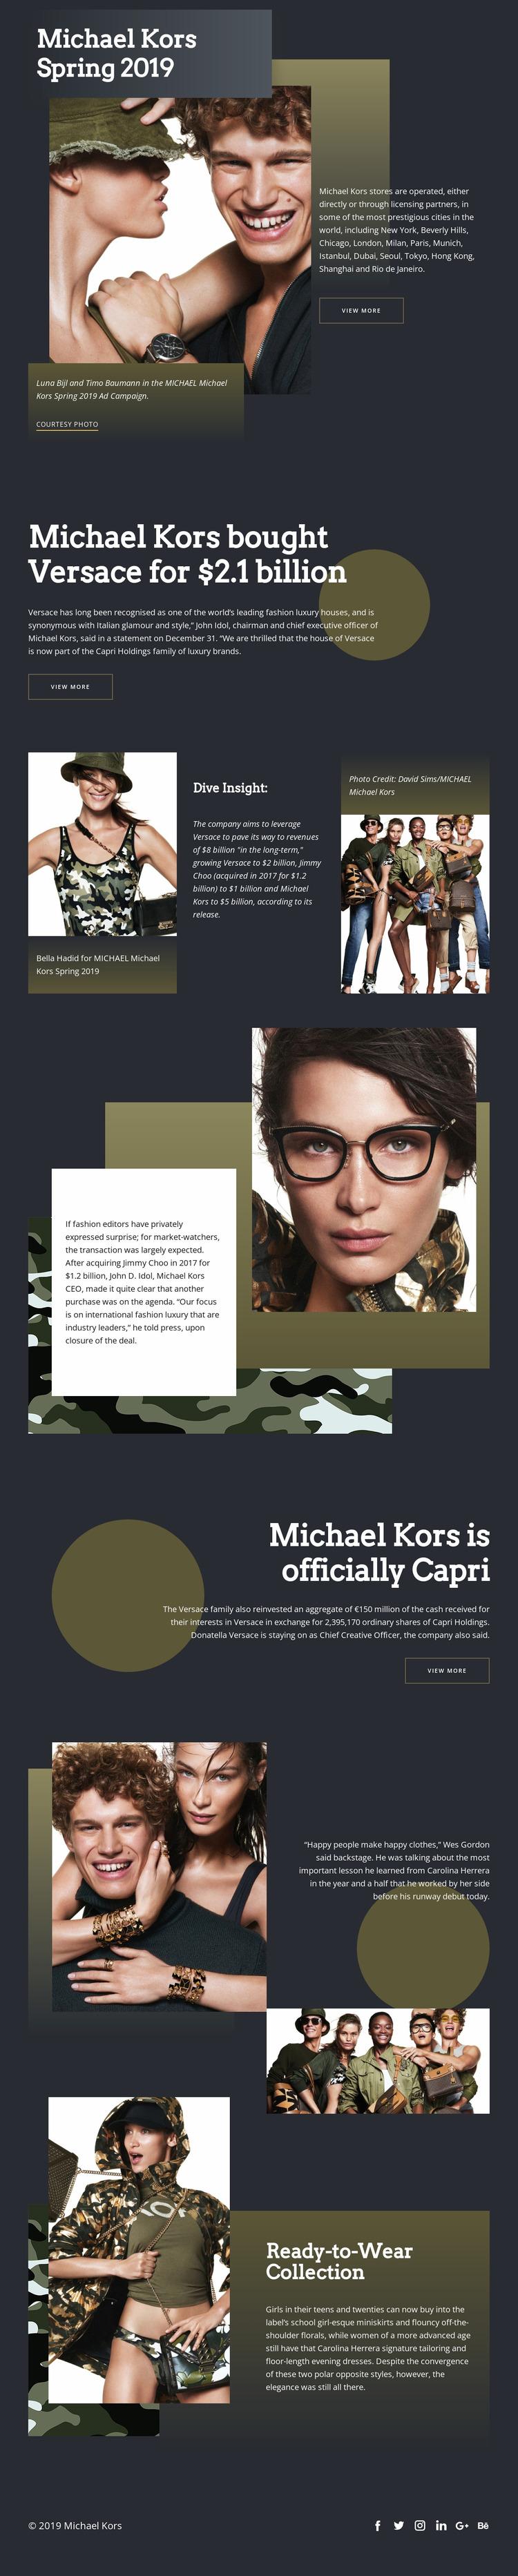 Michael Kors Dark WordPress Website Builder